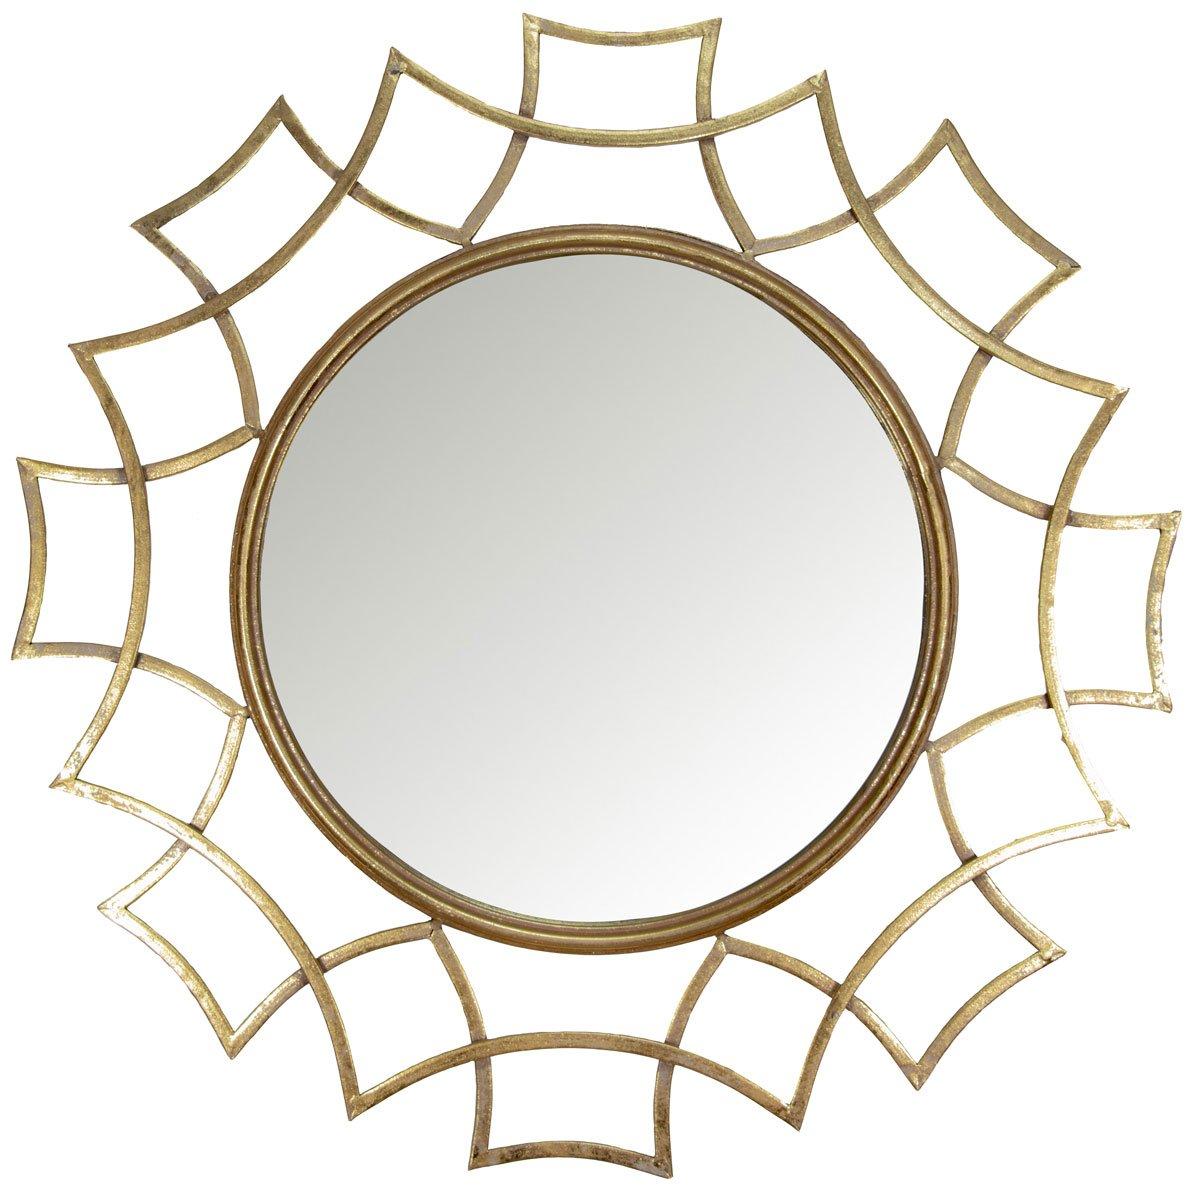 Home nature espejo de pared redondo sol dorado sears com for Espejo redondo pared